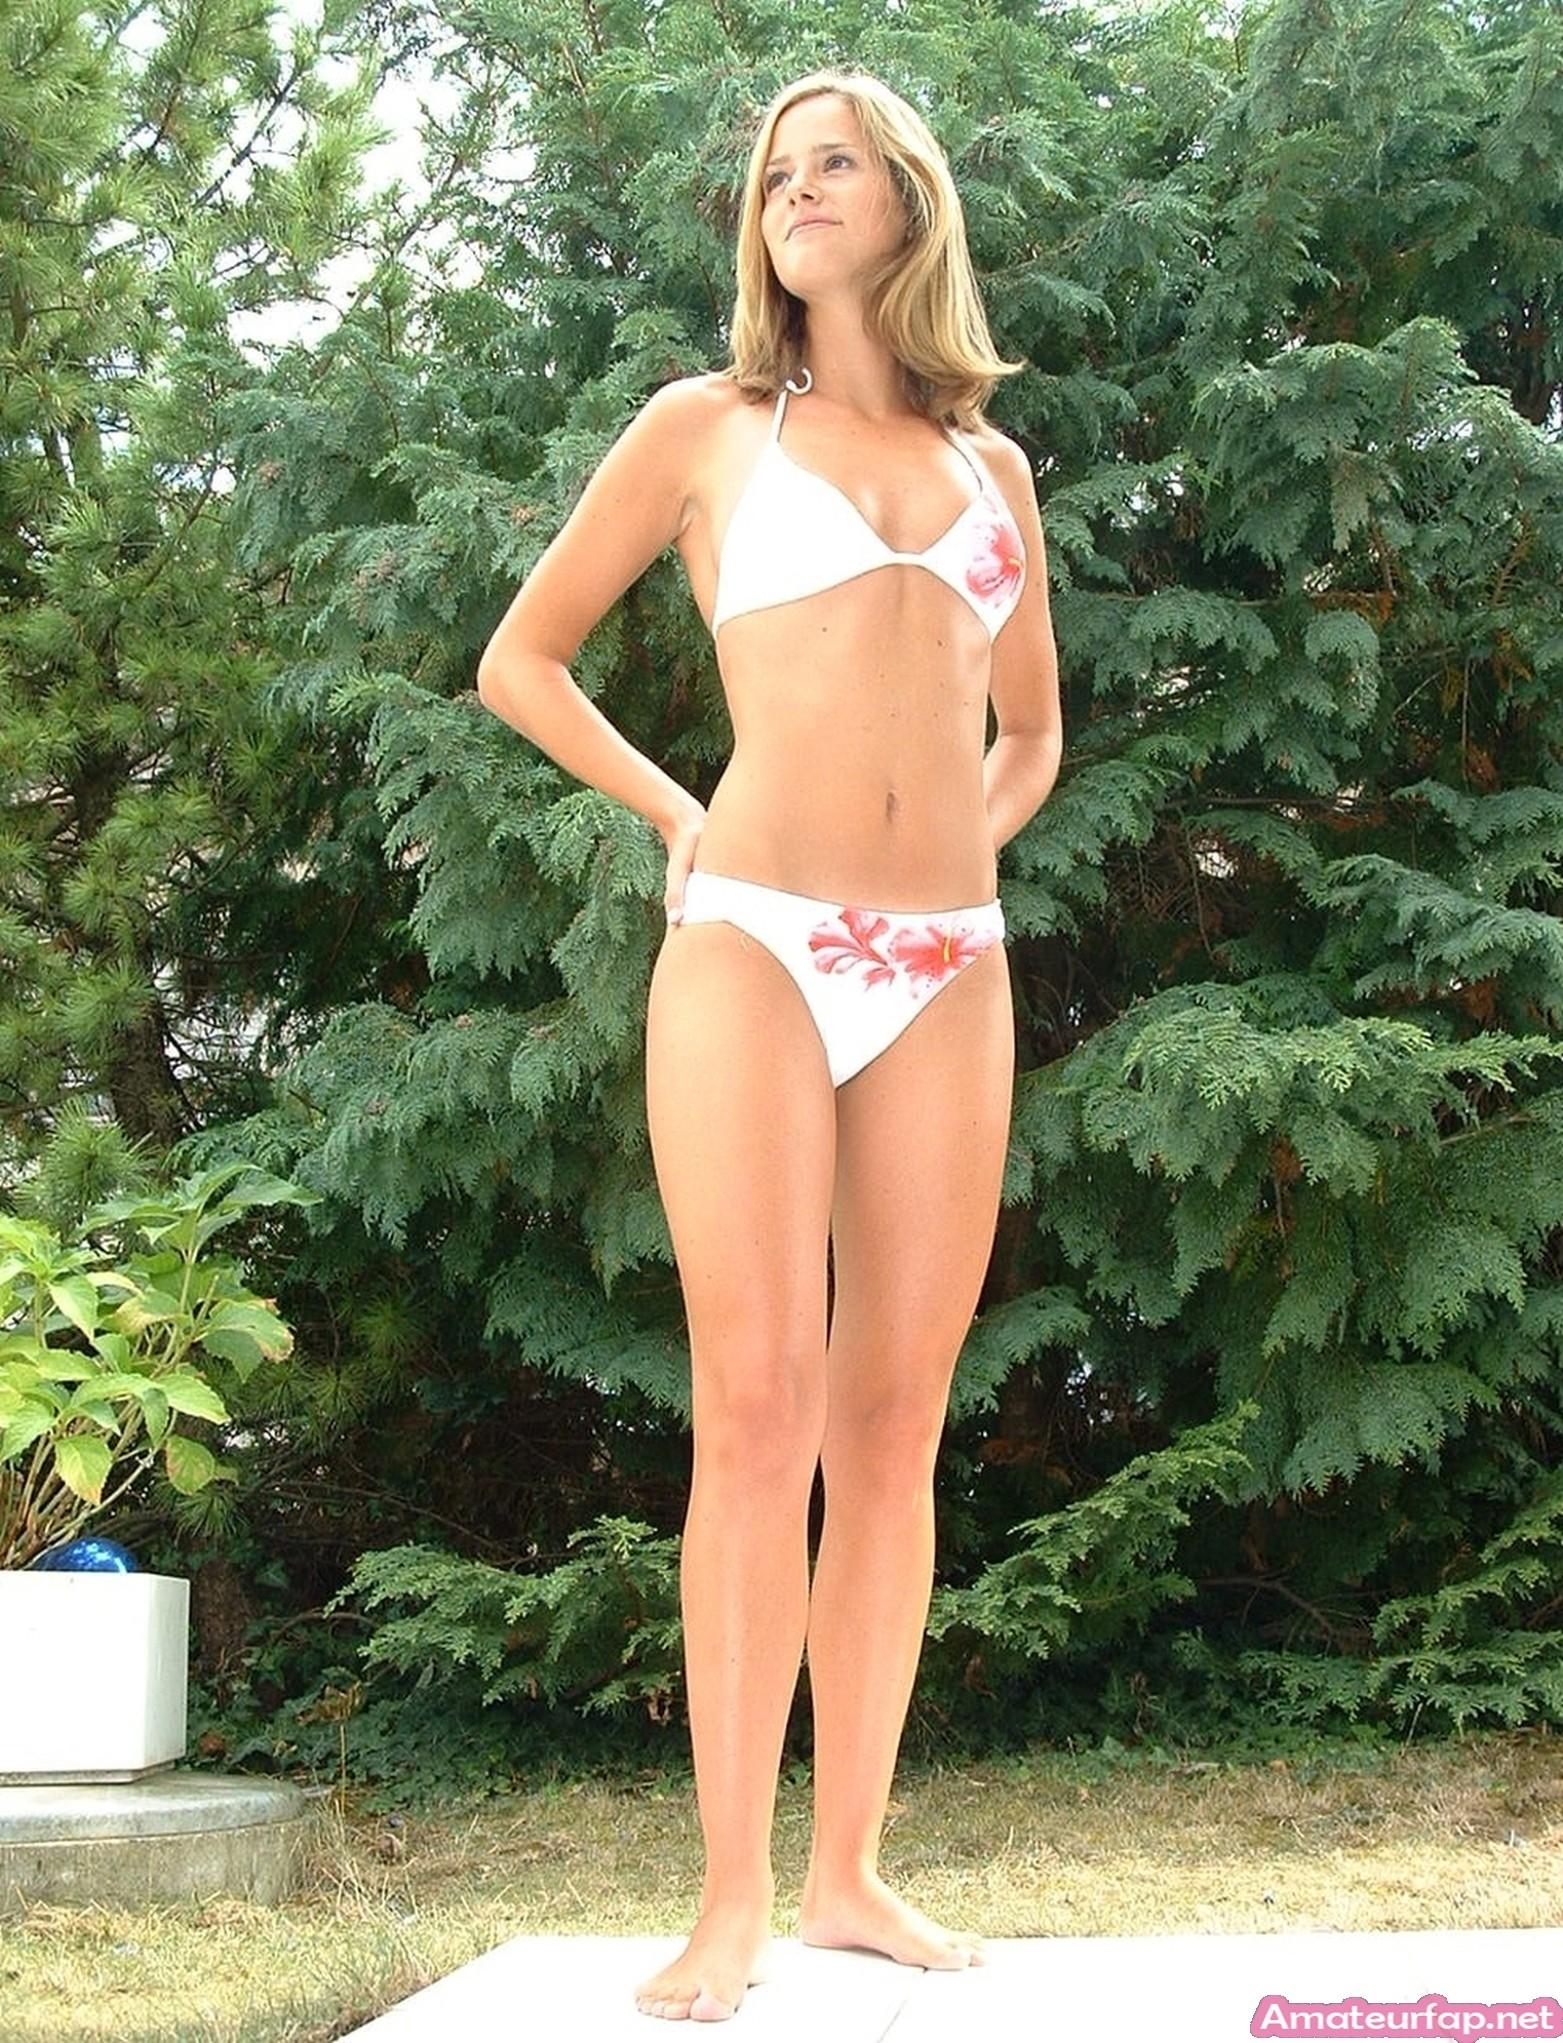 Стройная девушка из Голландии на отдыхе в Испании фоткается в бикини